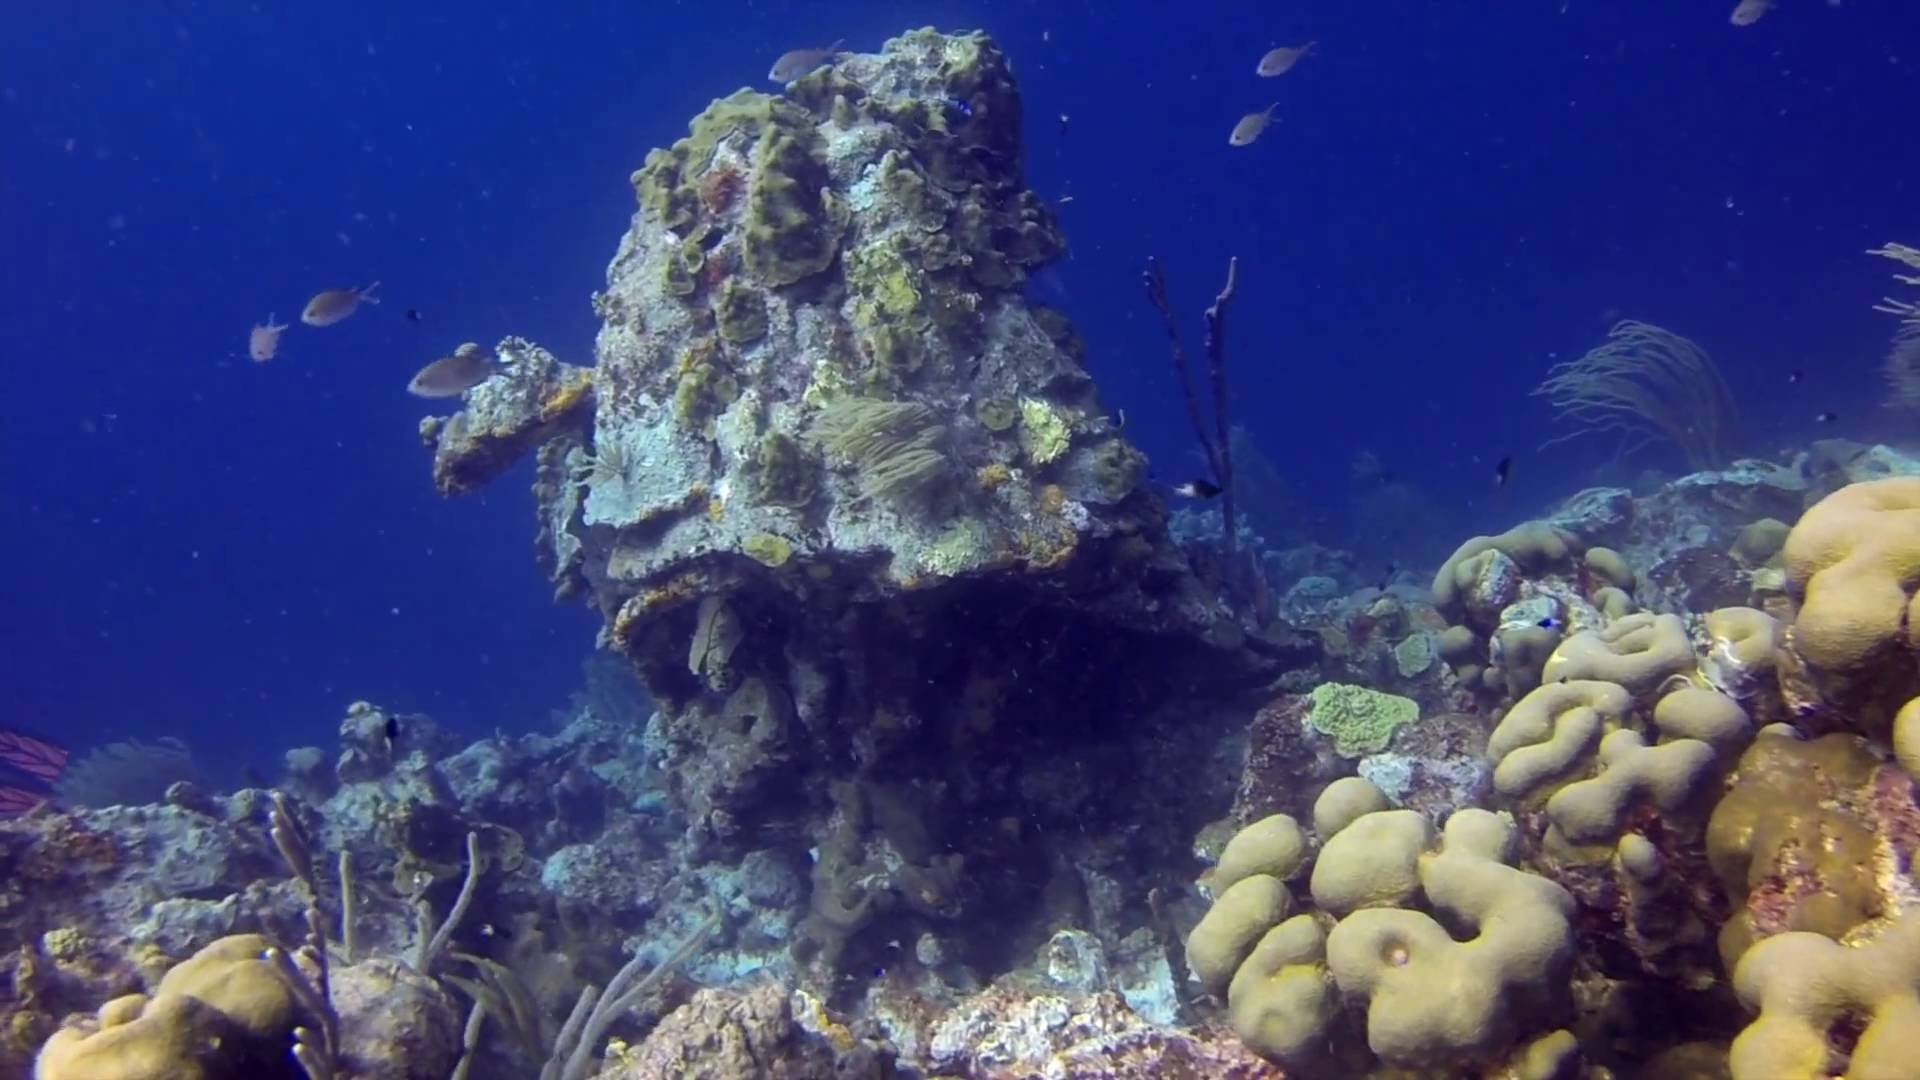 Karpata Scuba Dive-Bonaire, Caribbean - YouTube